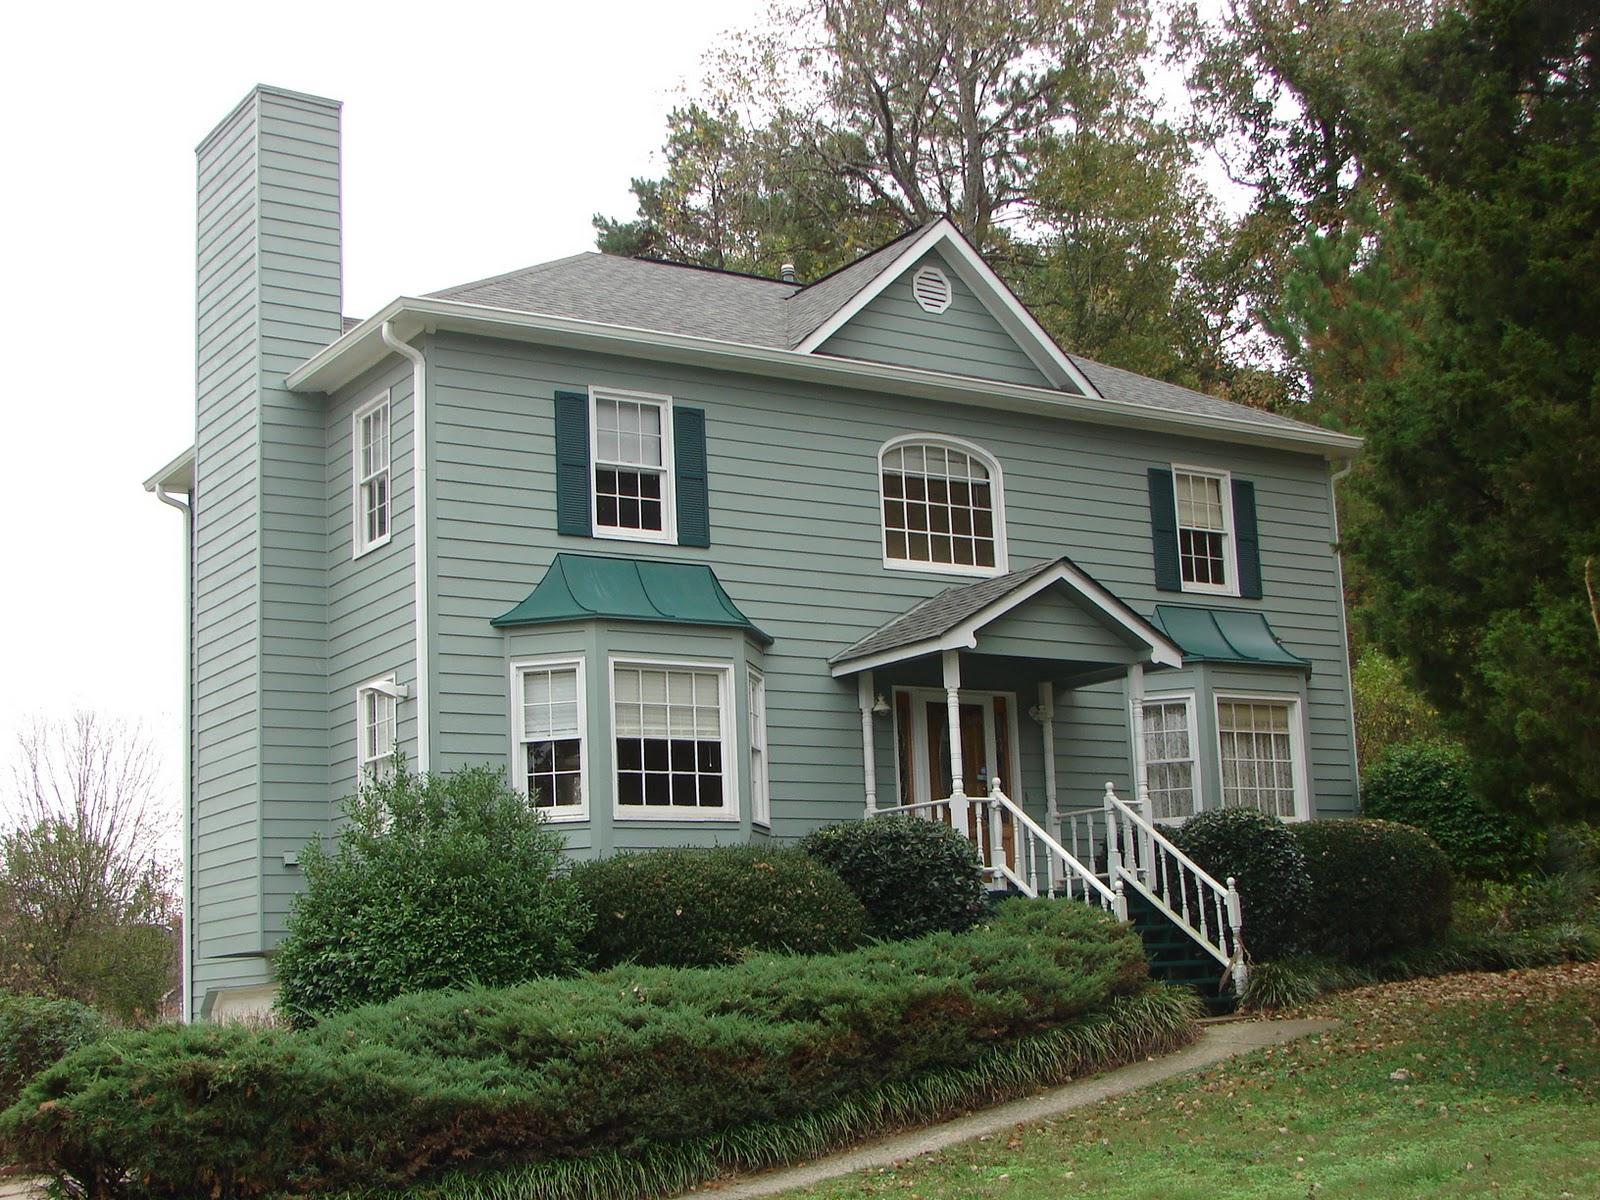 Real Estate Cartersville Georgia